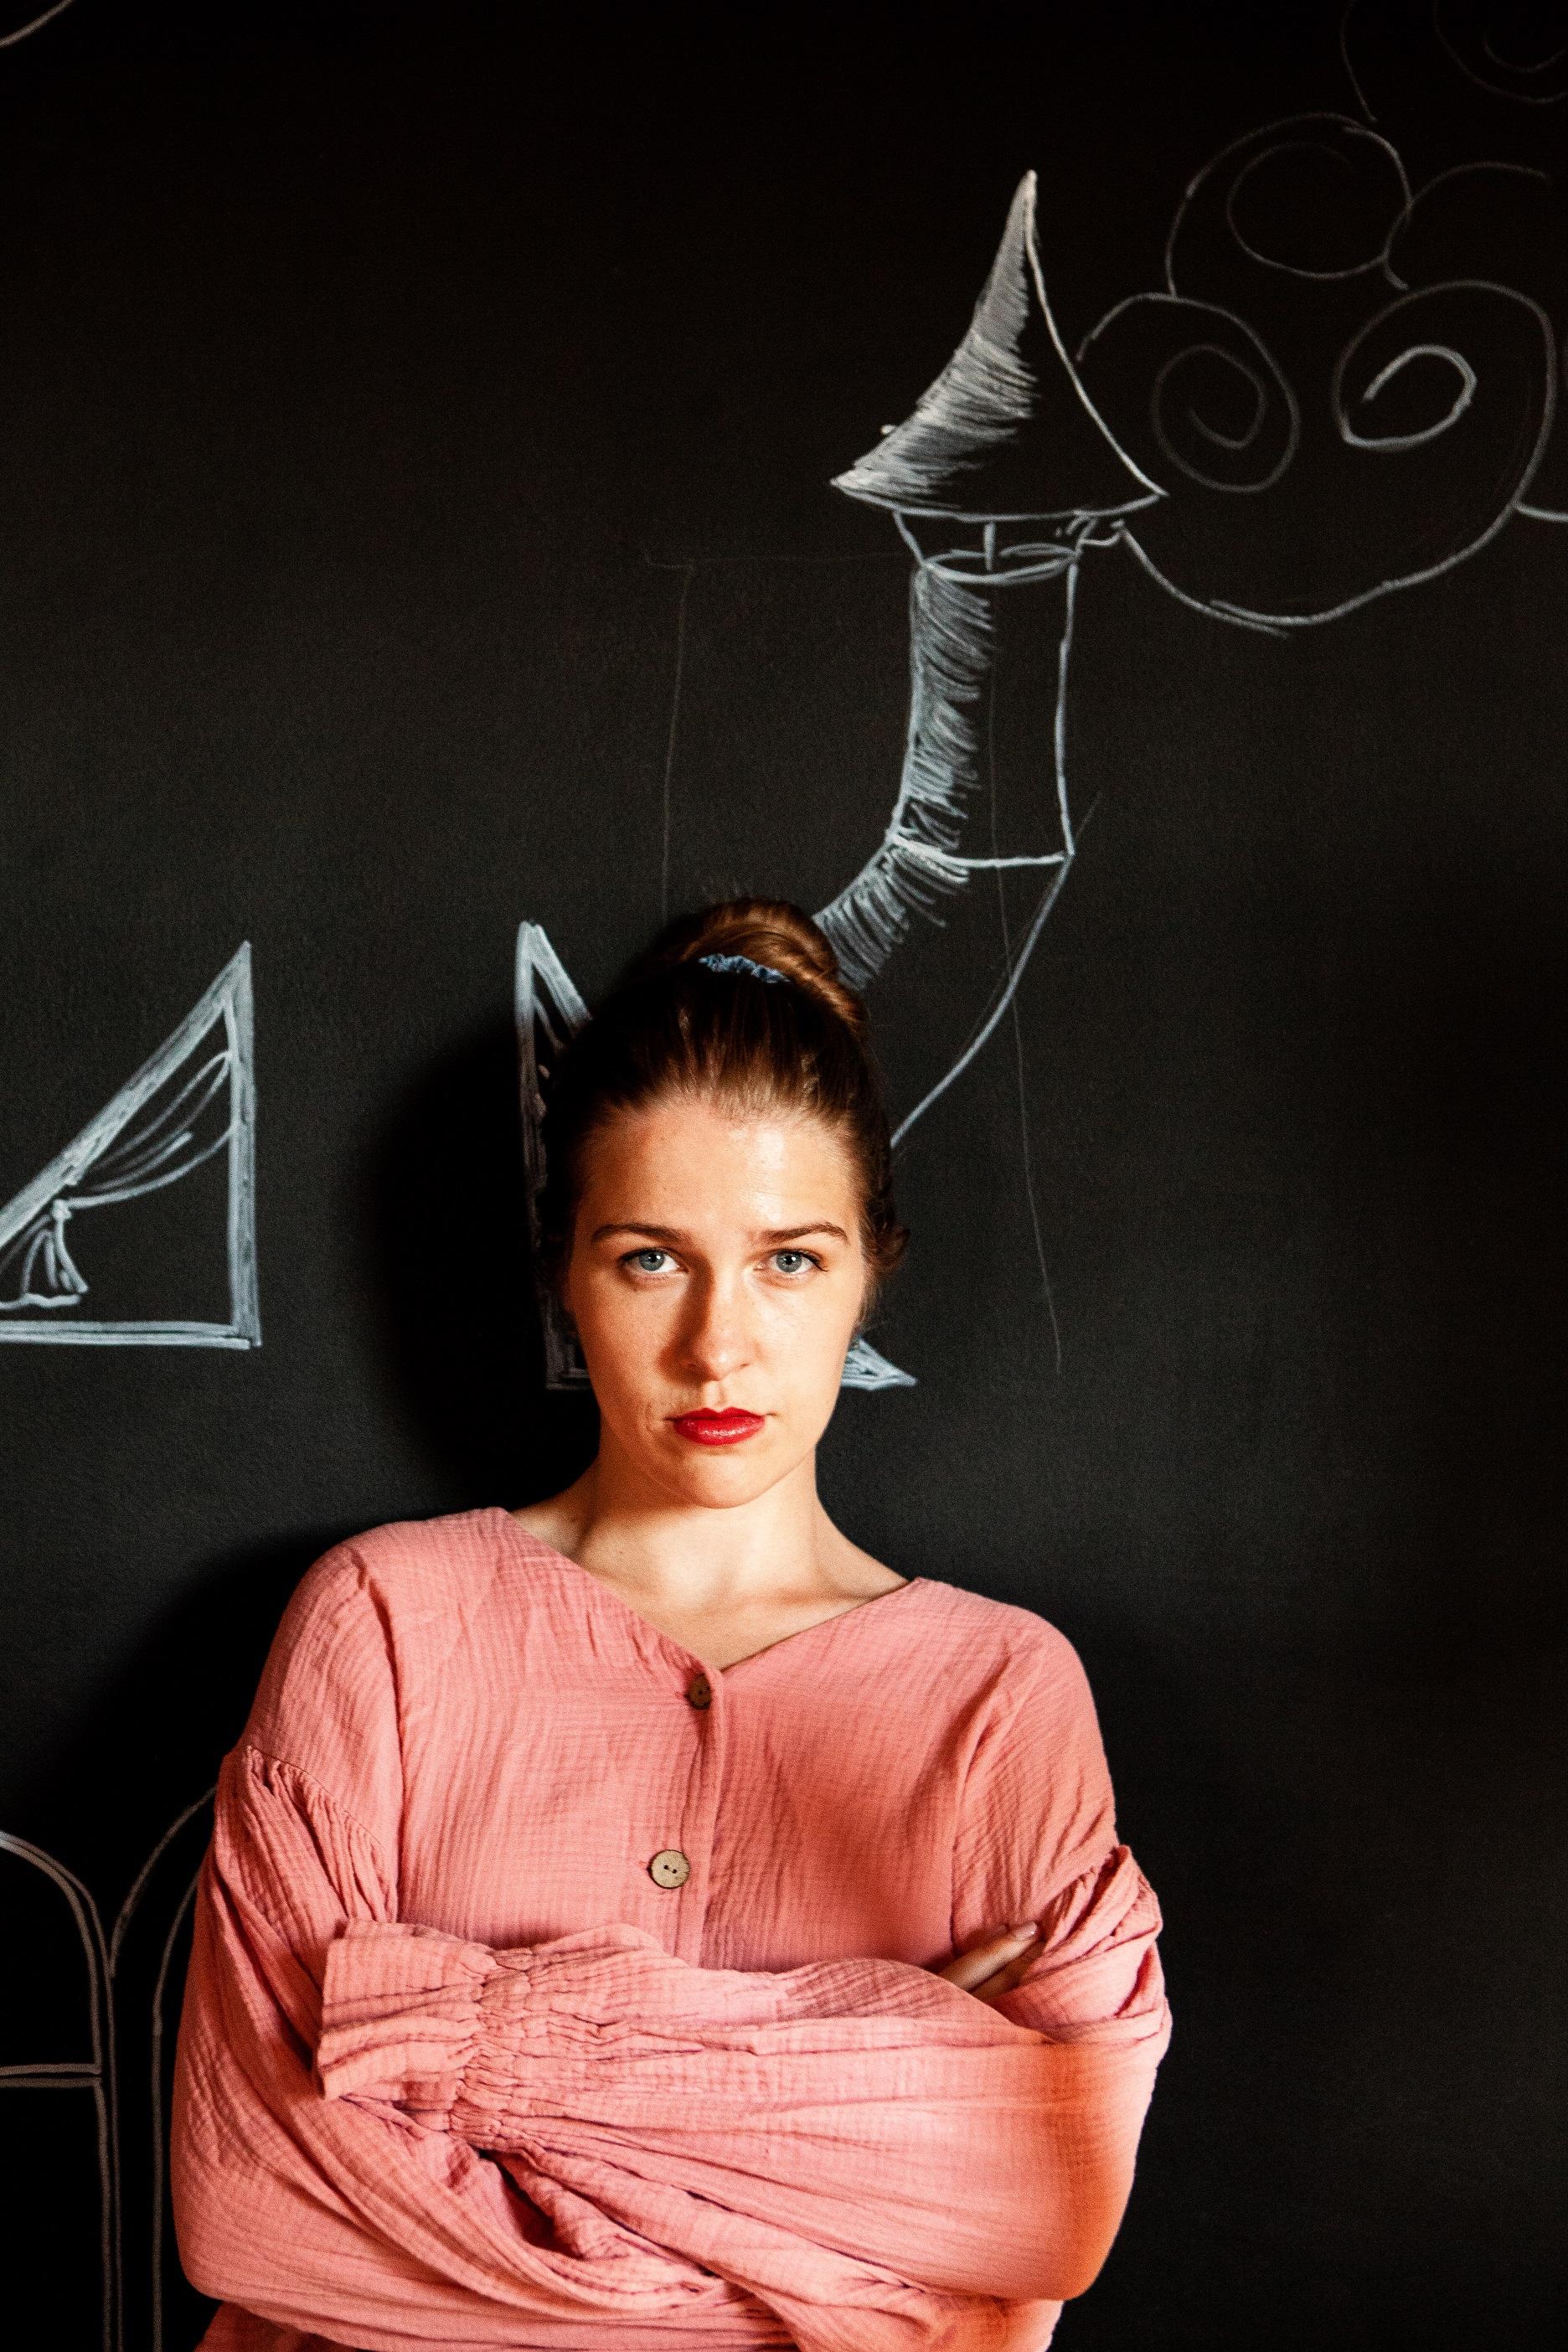 Мария Подковырова — режиссер и преподаватель актерского мастерства для детей и подростков. И автор статьи.